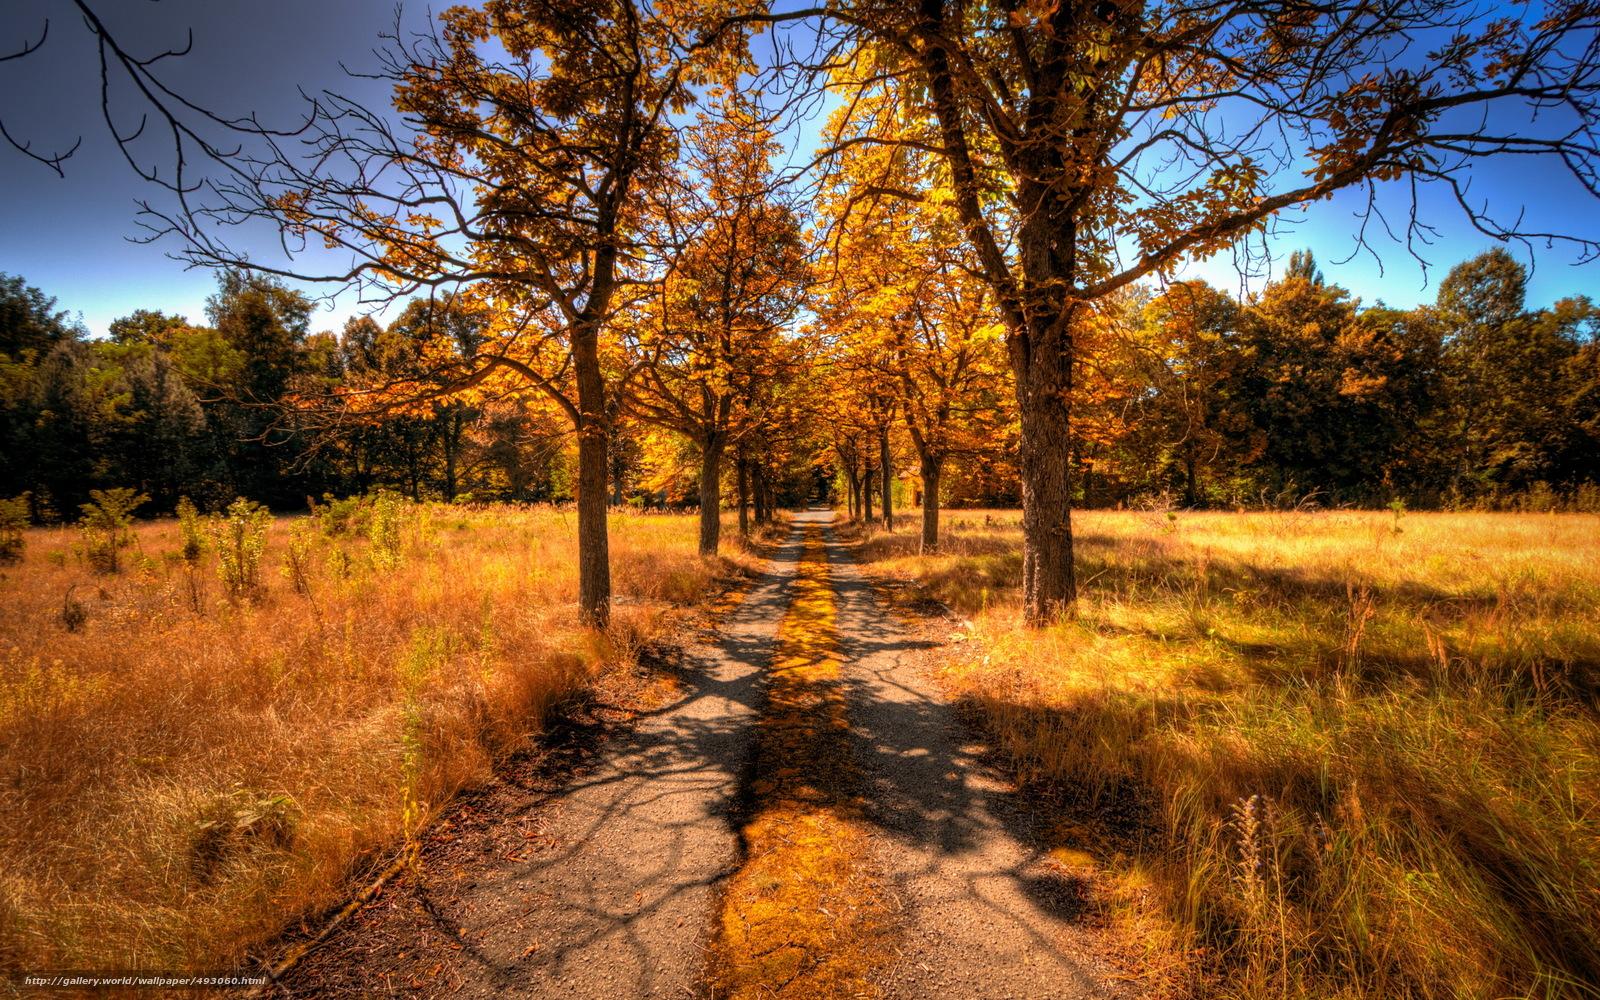 Tlcharger Fond d'ecran route,  arbres,  automne,  paysage Fonds d'ecran gratuits pour votre rsolution du bureau 2560x1600 — image №493060